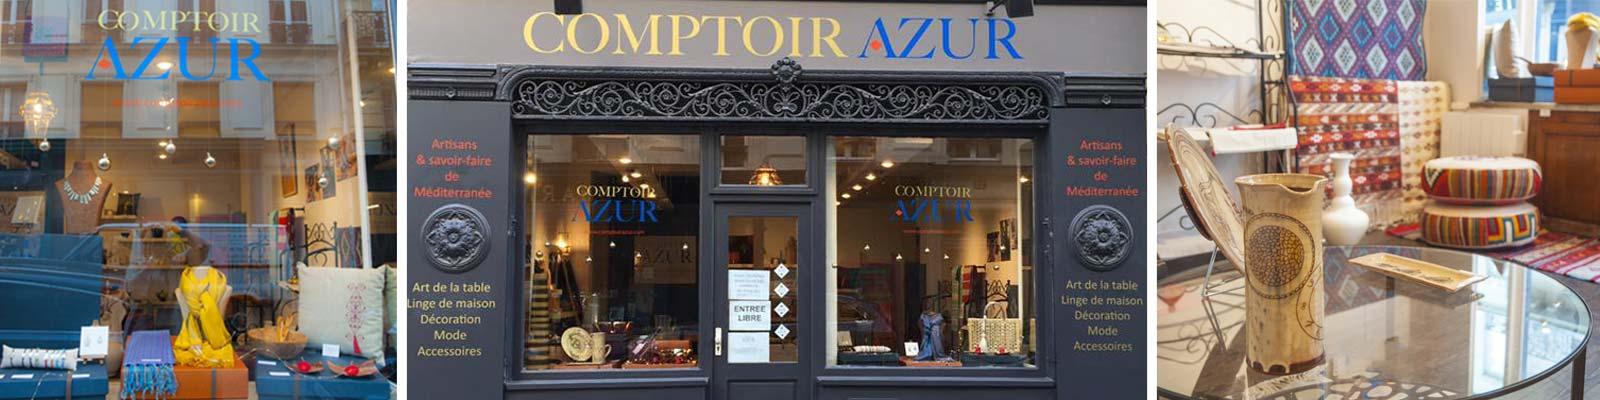 Comptoir Azur - Boutique cadeau artisanal Paris